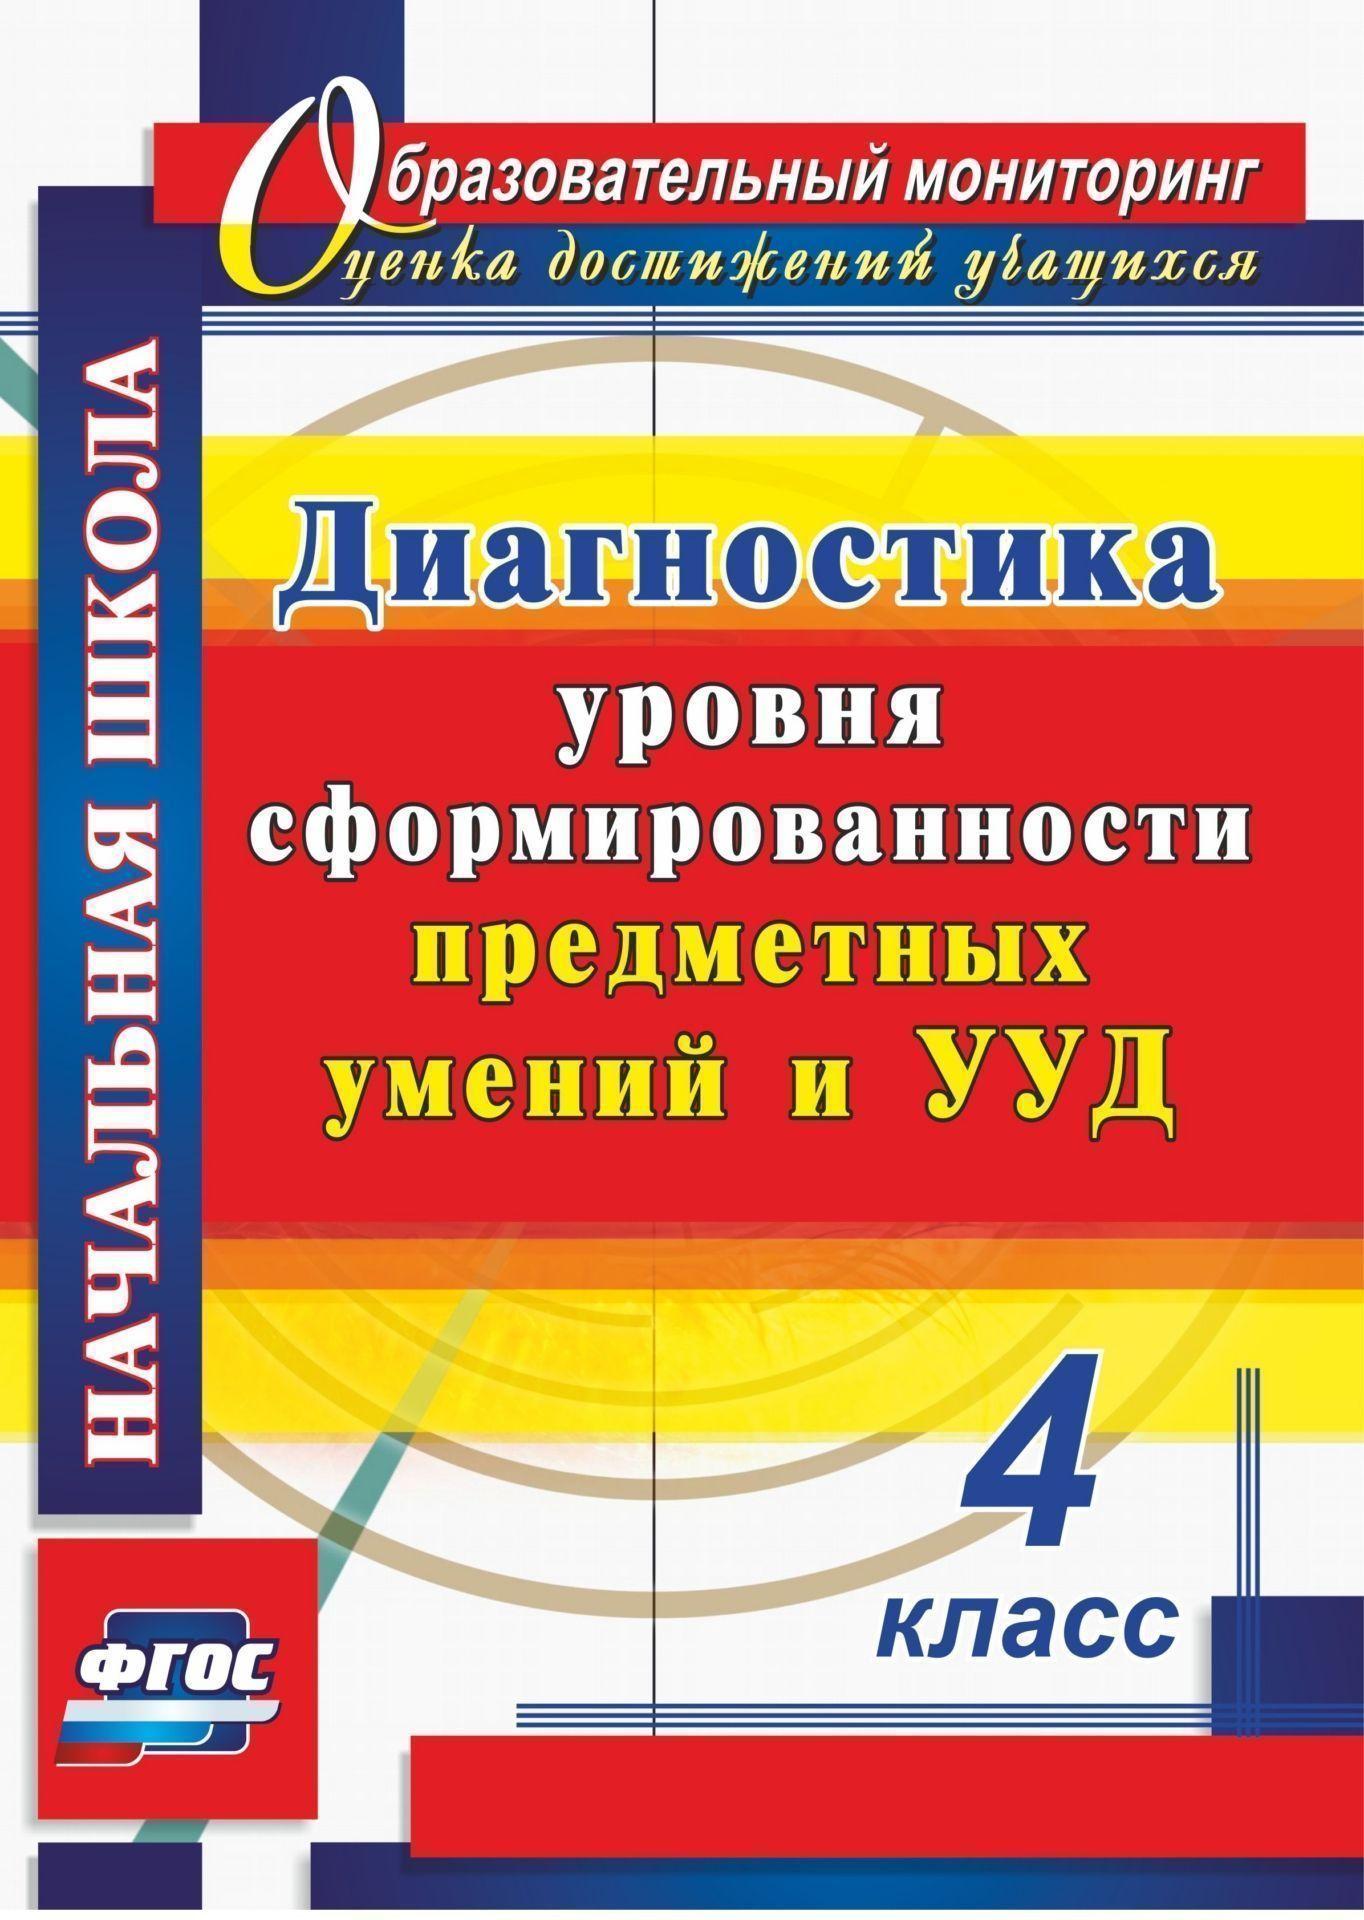 Диагностика уровня сформированности предметных умений и УУД. 4 классНачальная школа<br>В пособии предложены контрольные работы с ответами по русскому языку, литературному чтению, математике, окружающему миру для 4 класса, составленные в соответствии с ФГОС НОО и представленные в форме тестов с разноуровневыми заданиями. Определить уровень с...<br><br>Авторы: Исакова О. А., Лаврентьева Т.М.<br>Год: 2017<br>Серия: Образовательный мониторинг. Оценка достижений учащихся<br>ISBN: 978-5-7057-4472-5<br>Высота: 285<br>Ширина: 203<br>Толщина: 12<br>Переплёт: мягкая, склейка